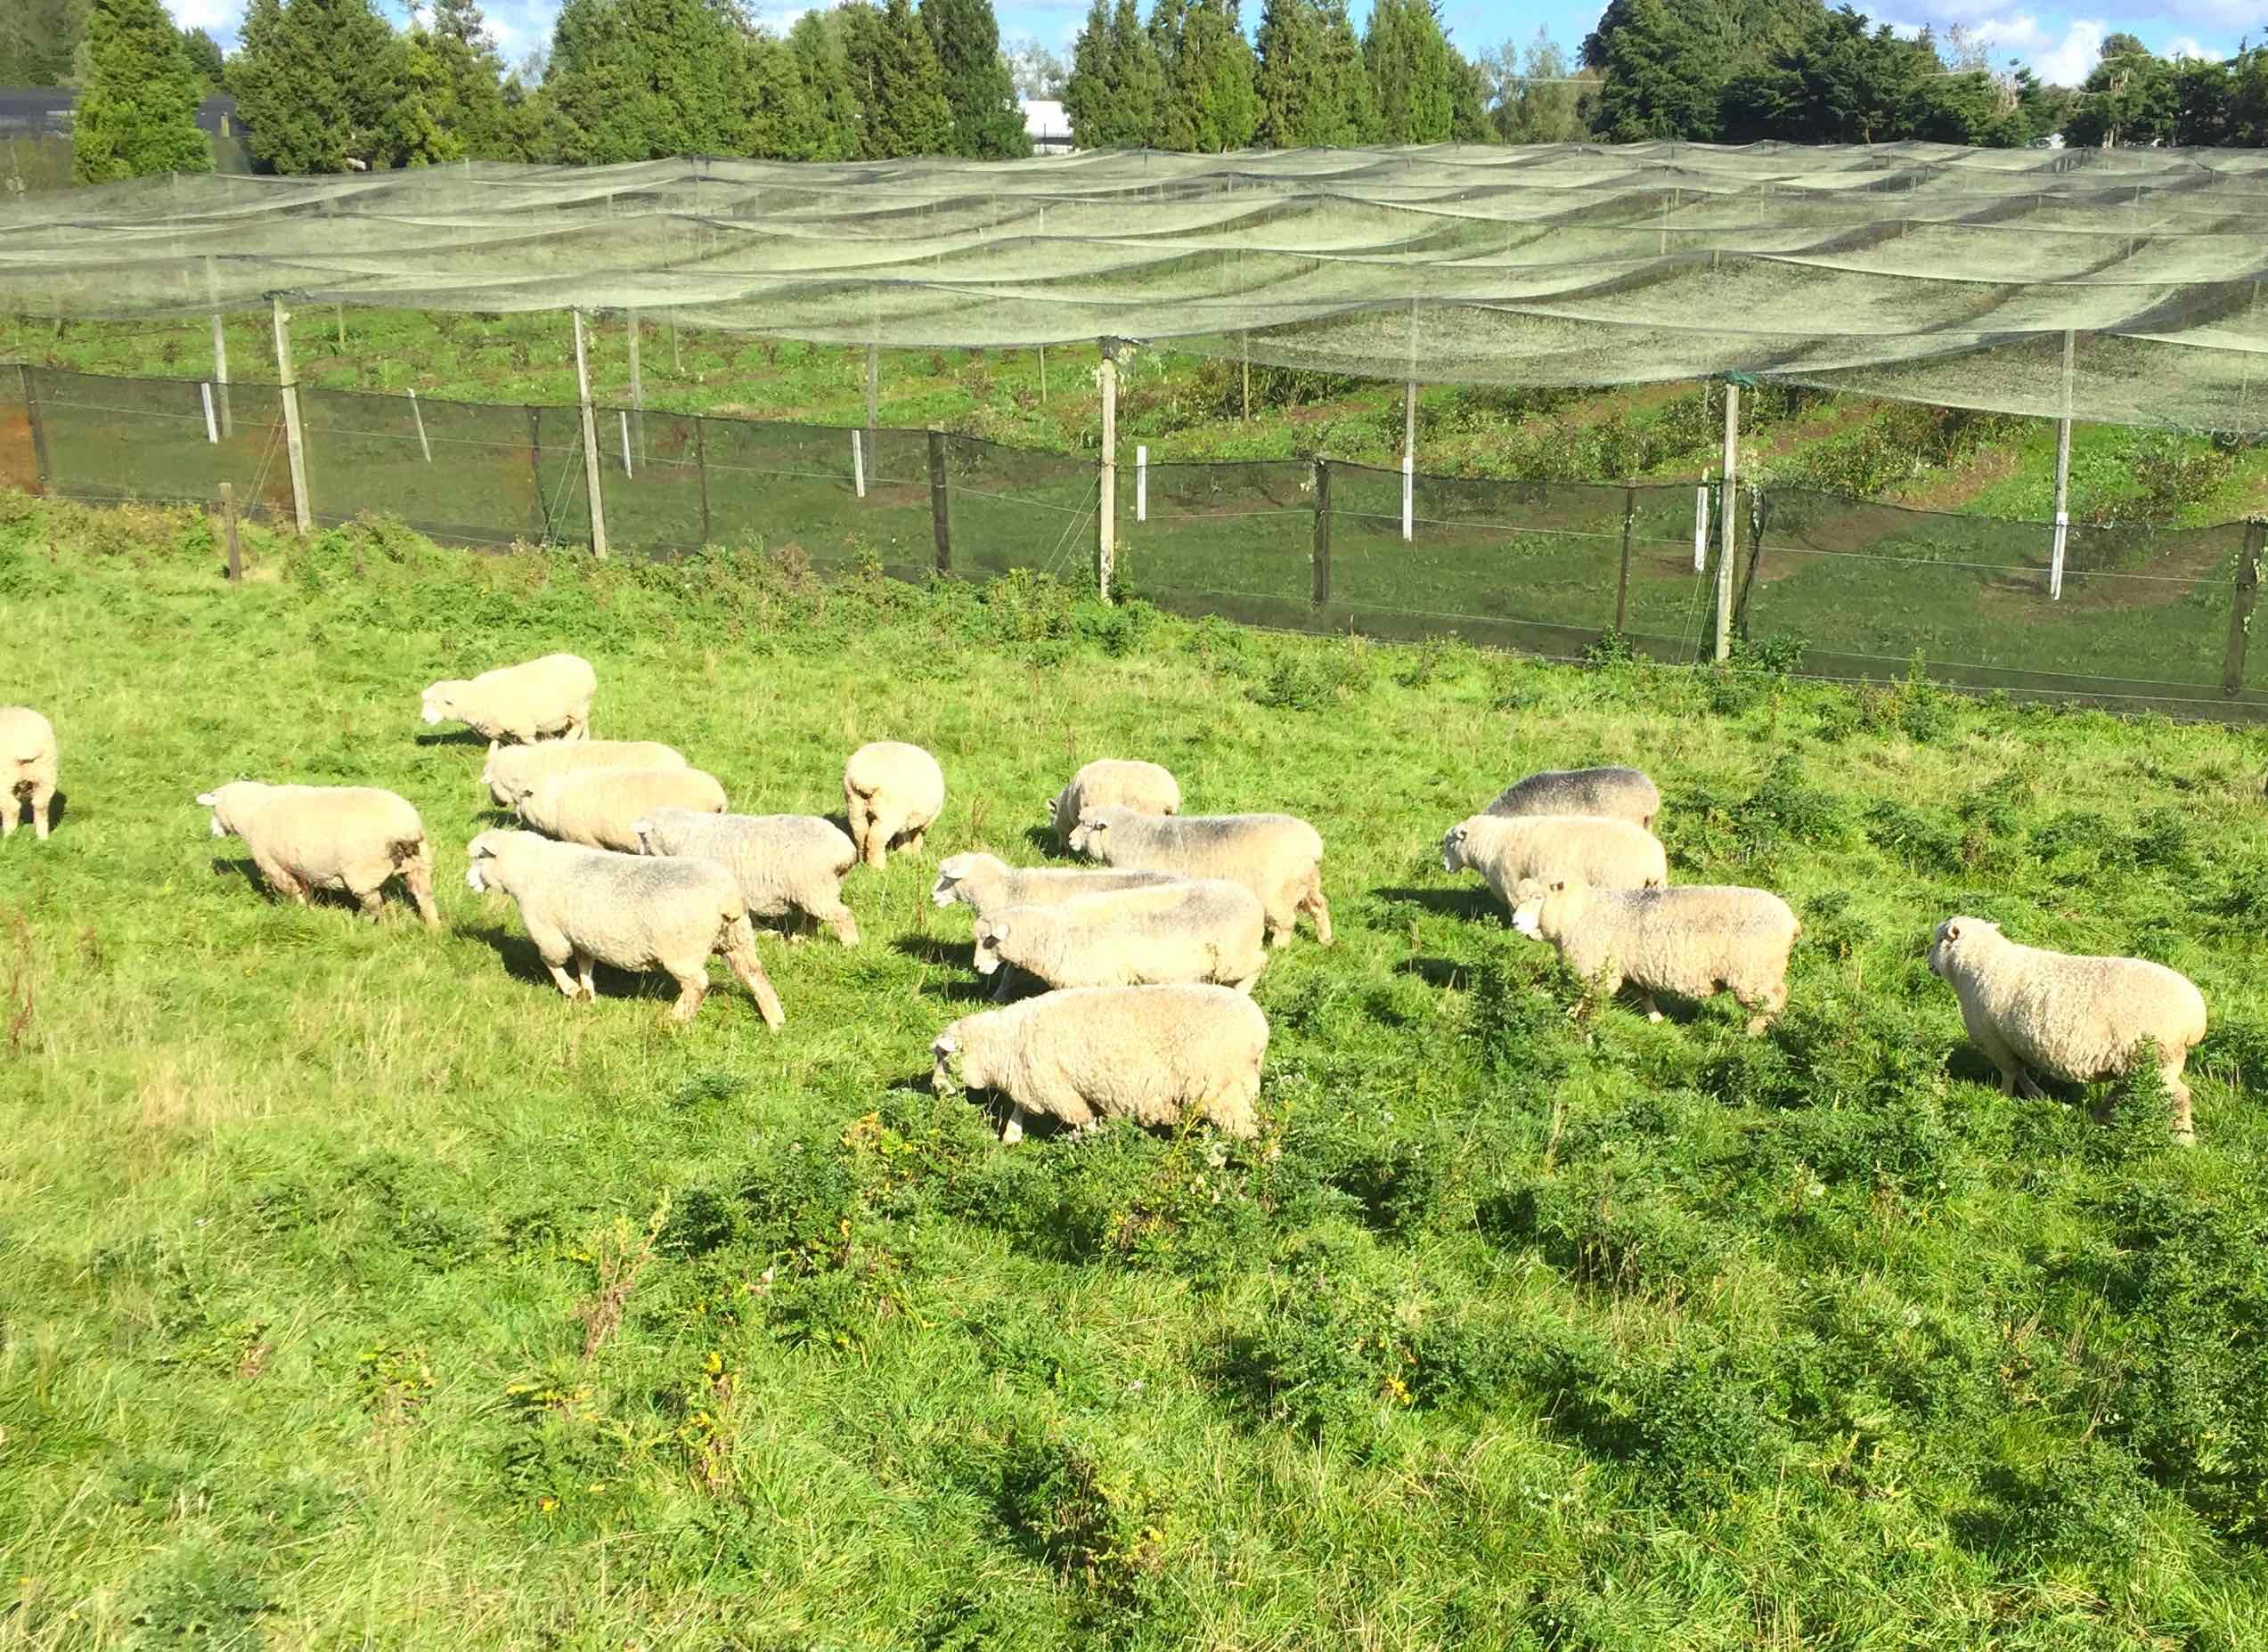 果樹園とのどかに過ごす羊たち